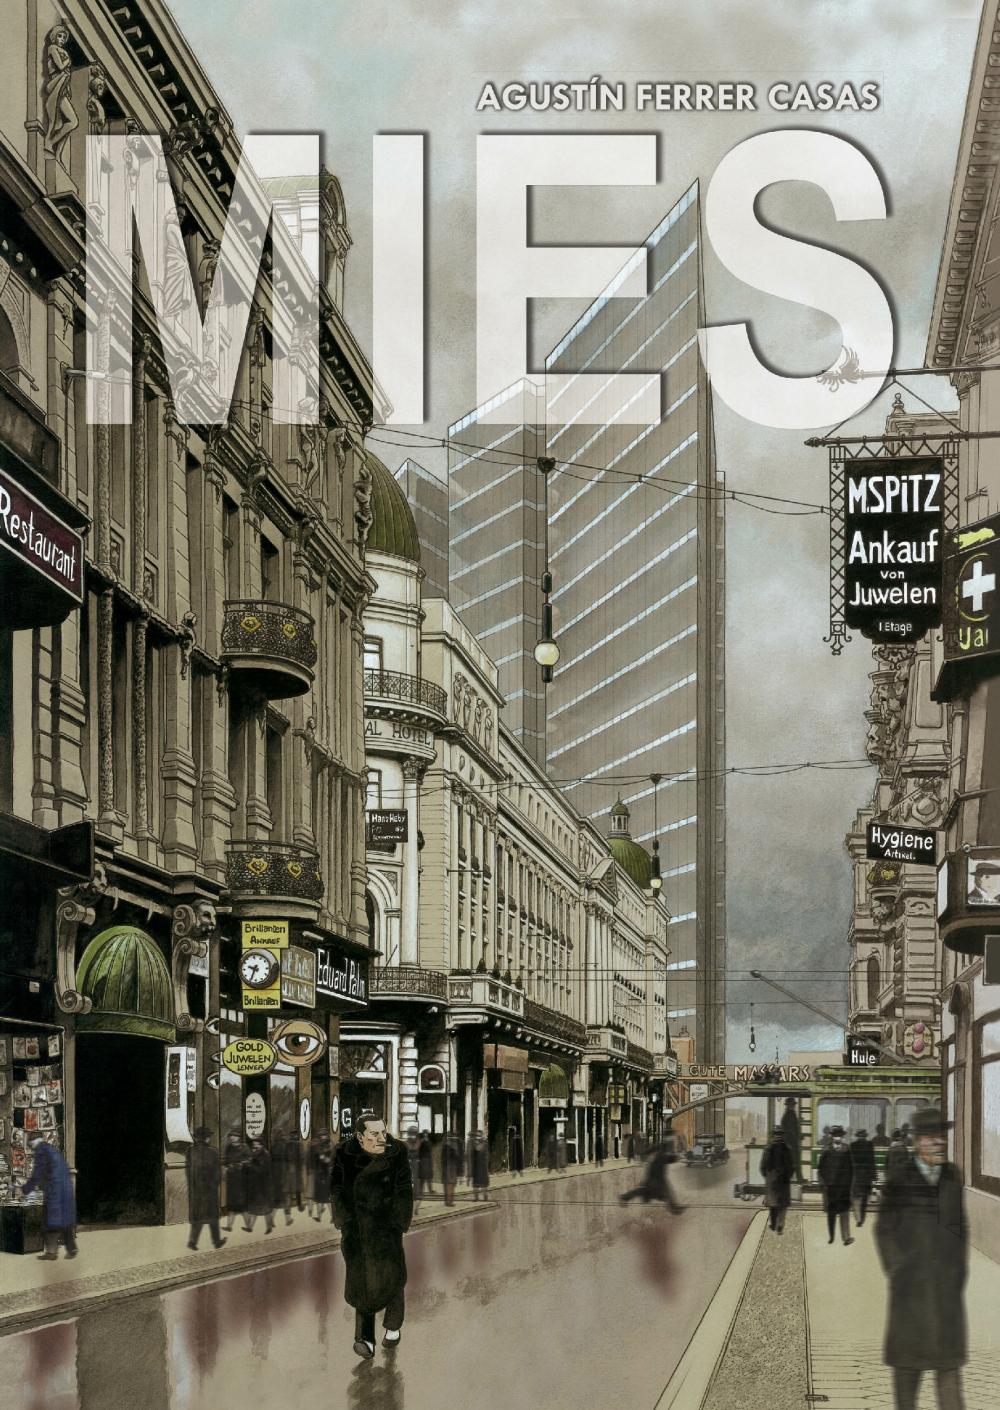 Обложка графического романа Mies, автор Агустин Феррер Касас<br>Изображение предоставлено издательством Grafito Editorial